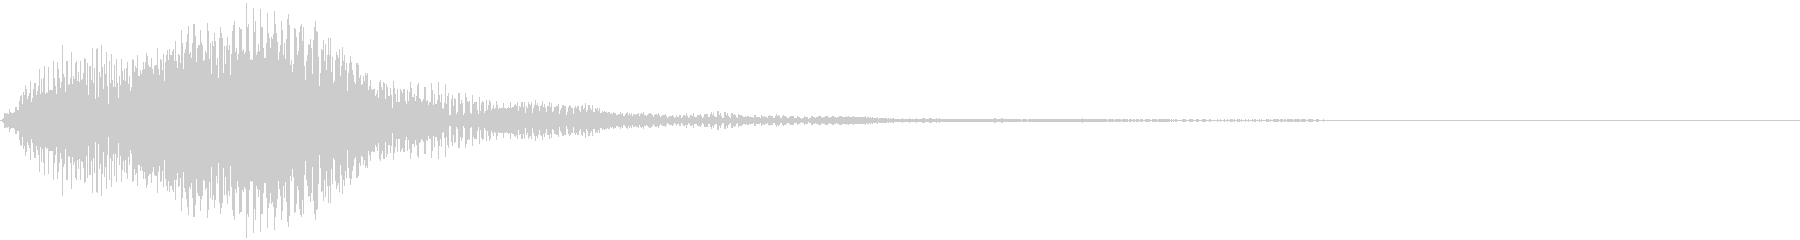 アプリ・タッチ・キャンセル音9の未再生の波形